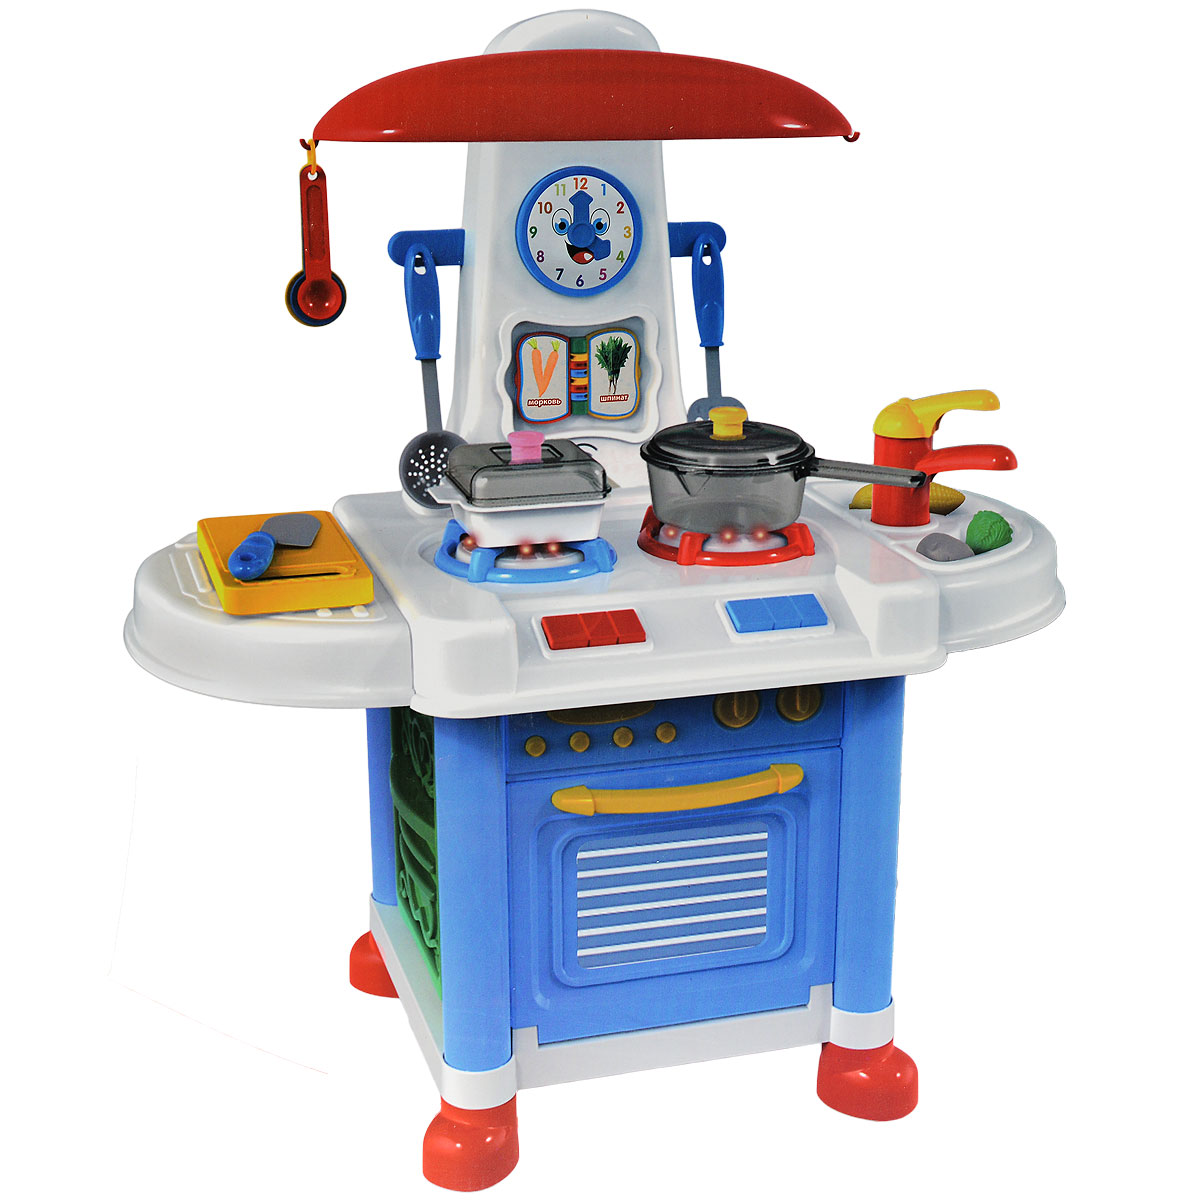 Игровой набор Кухня. Помогаю маме, 16 предметов игровые наборы shopkins игровой набор веселая кухня